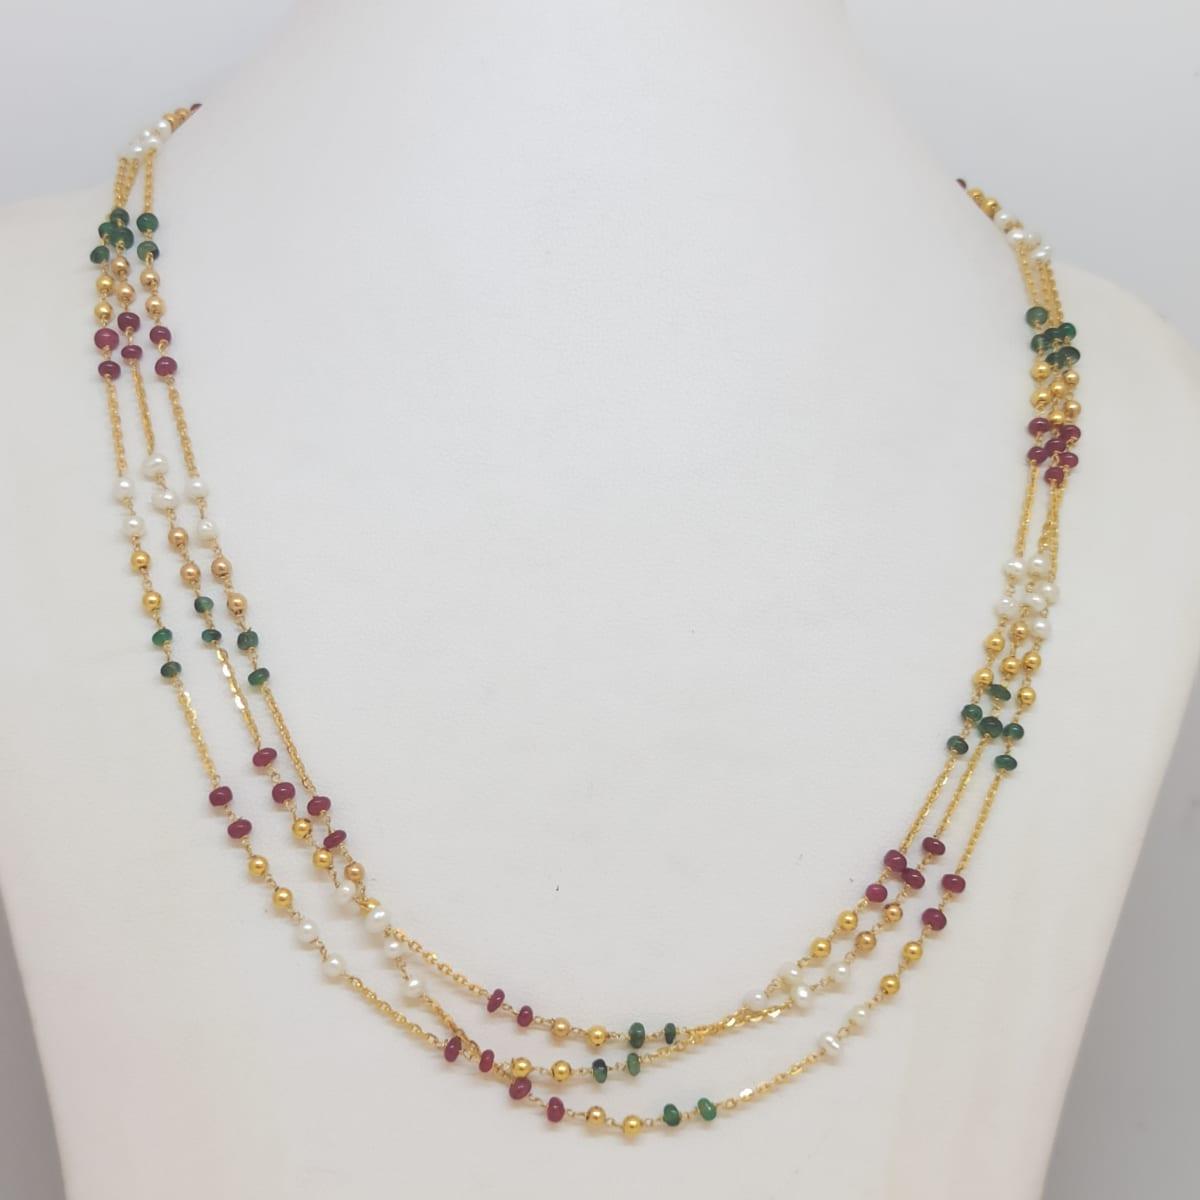 Colourful Pearl Chain